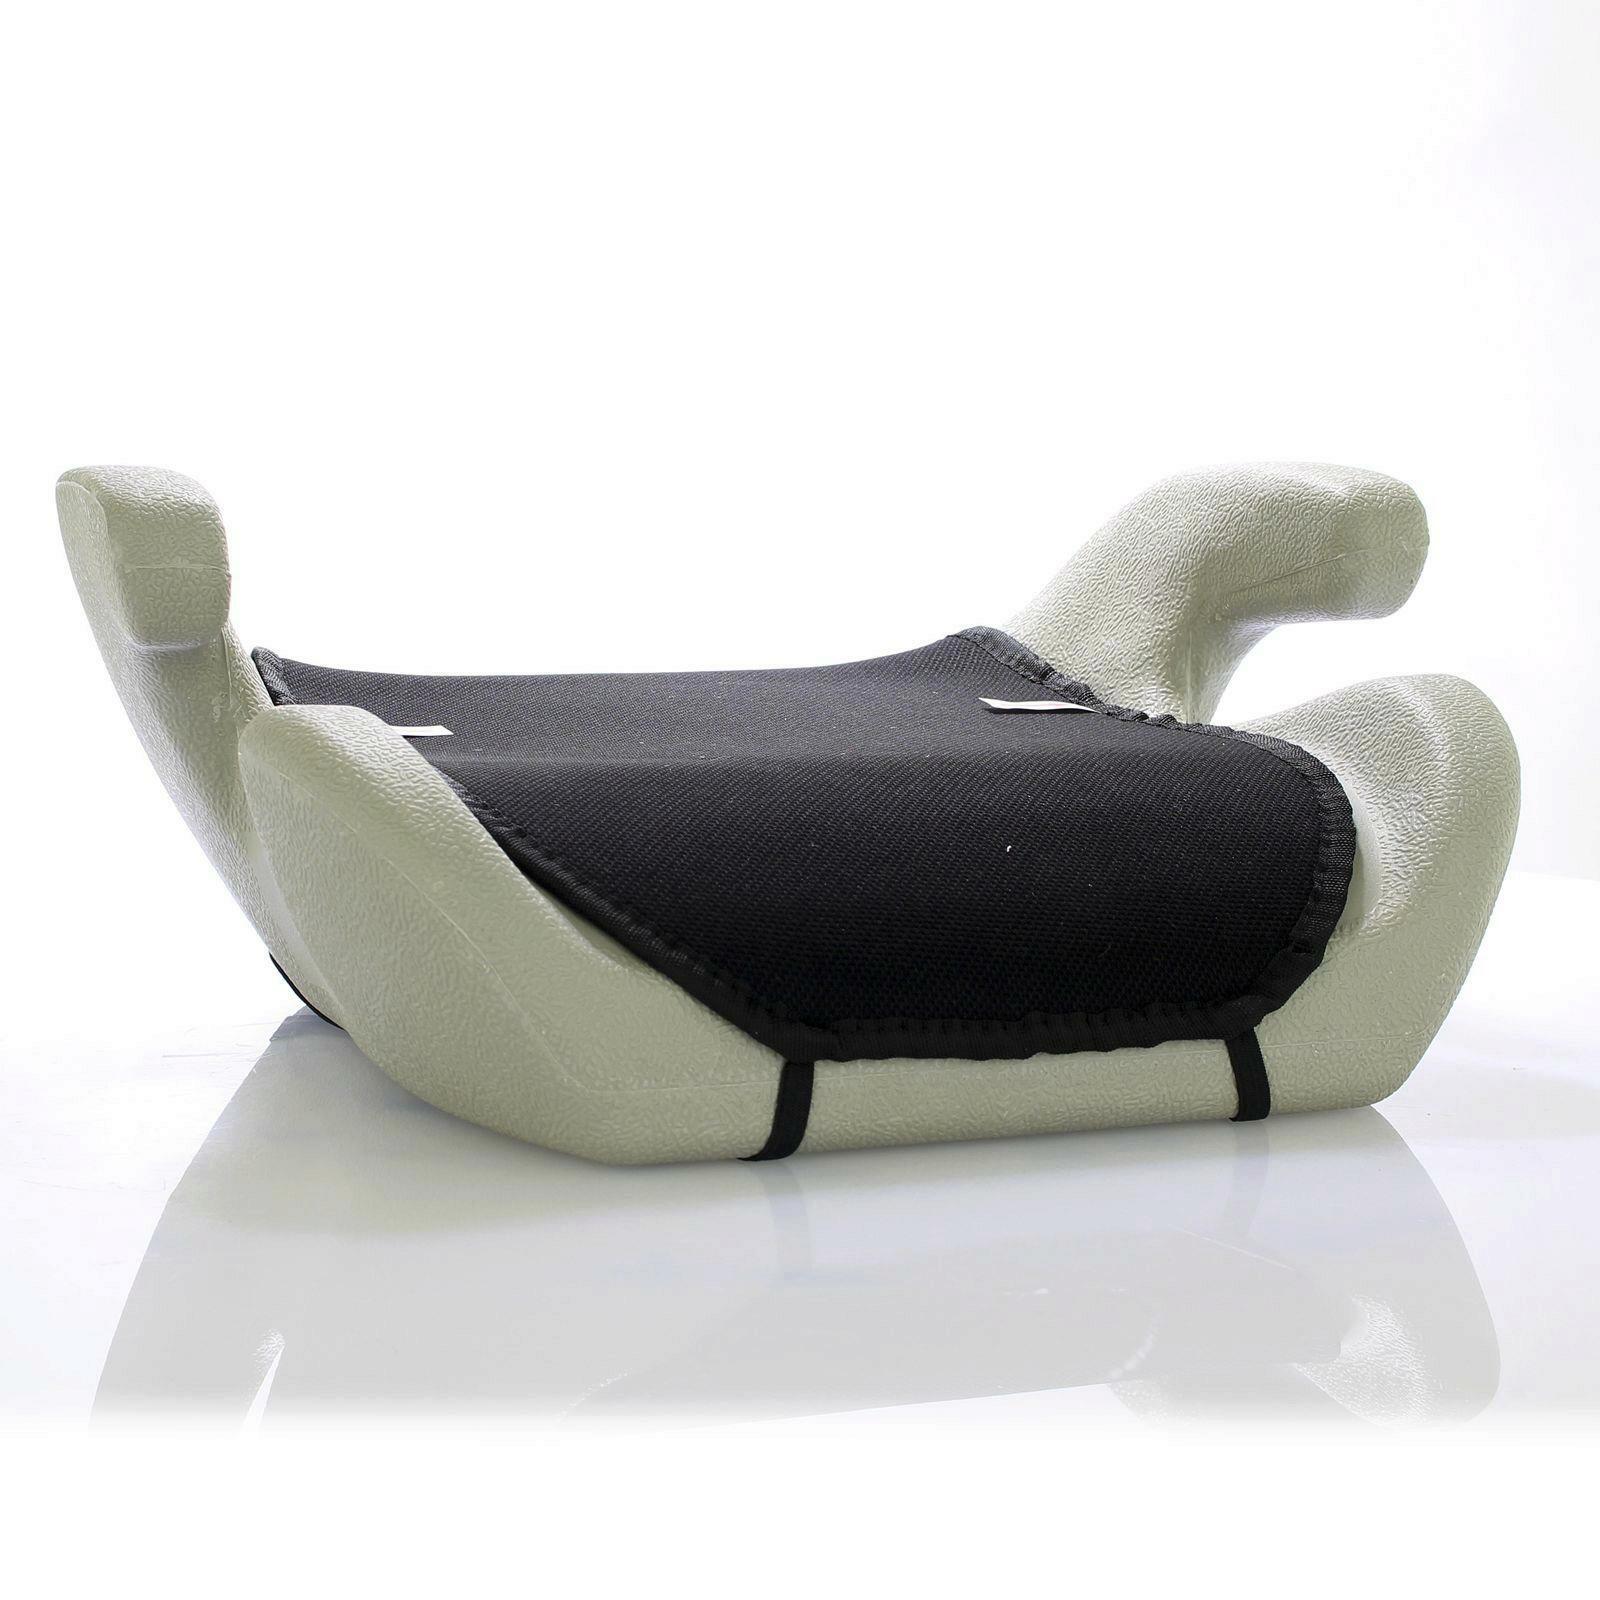 Kindersitz Autositz Gr. 3 15-36kg